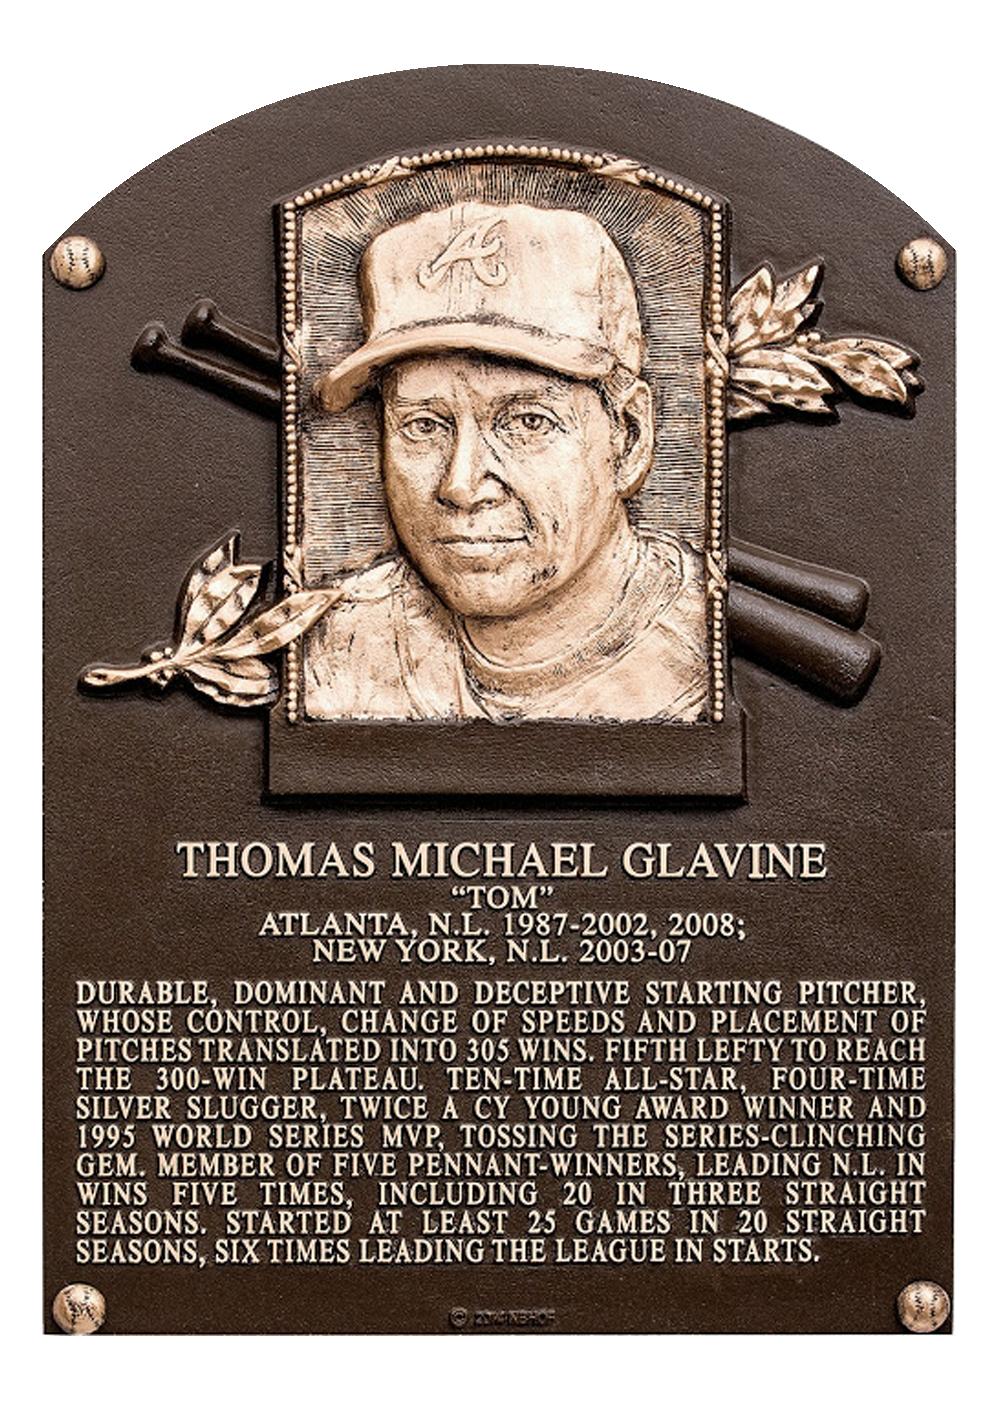 Photo of Tom Glavine